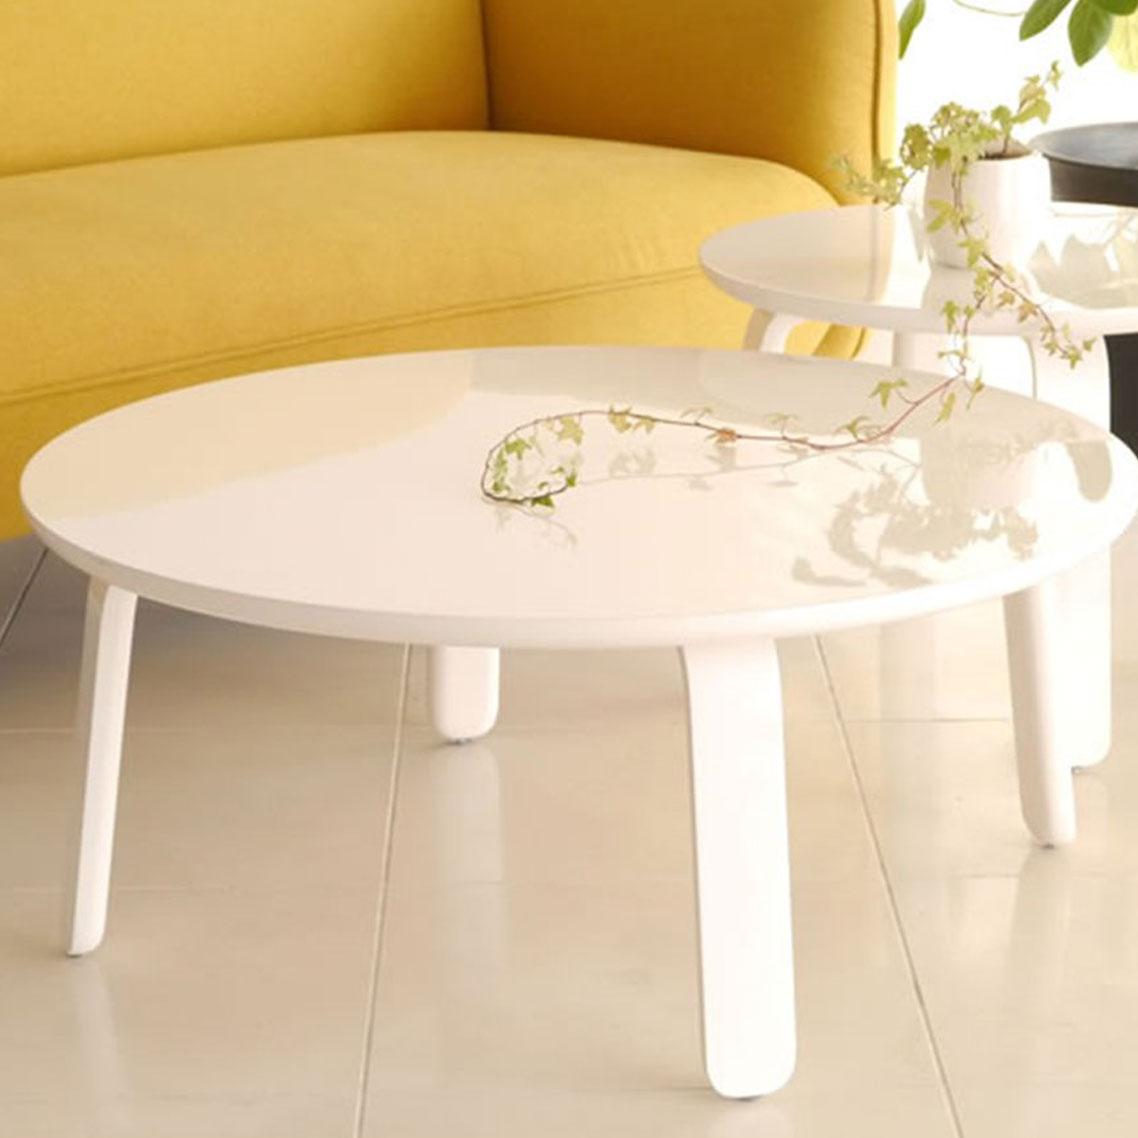 【送料無料】85 リビングテーブル 円形 ウォールナット ダイニングテーブル カフェ 食卓テーブル ダイニング テーブル 木製 幅115 ワークデスク